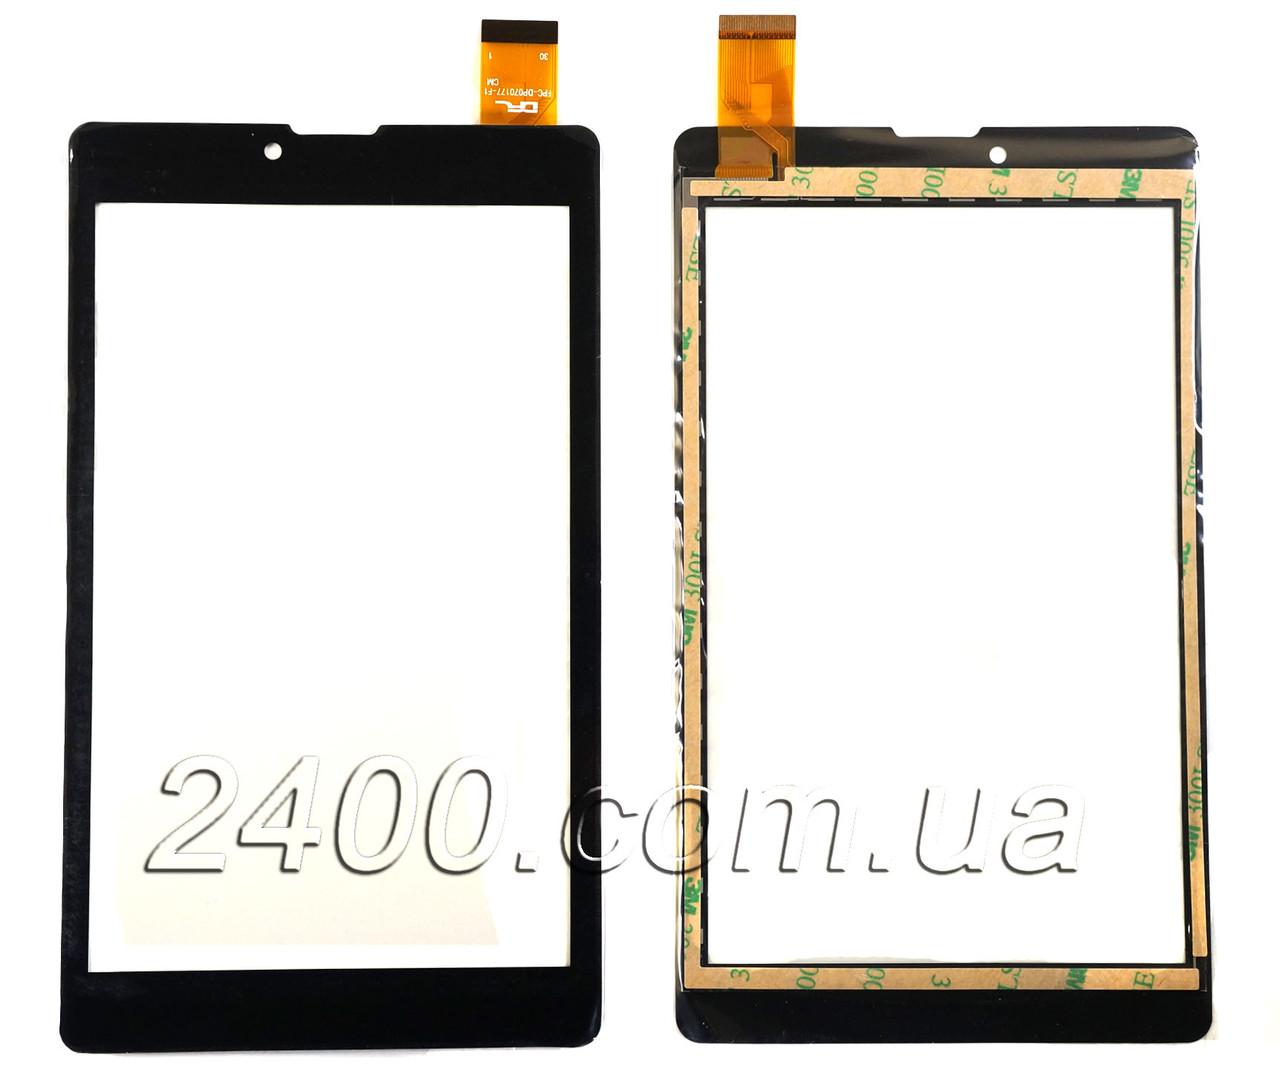 Сенсор, тачскрин Digma PS 7122 PG  (черный) 30pin 184*115 мм, FPC-DP070177-F1